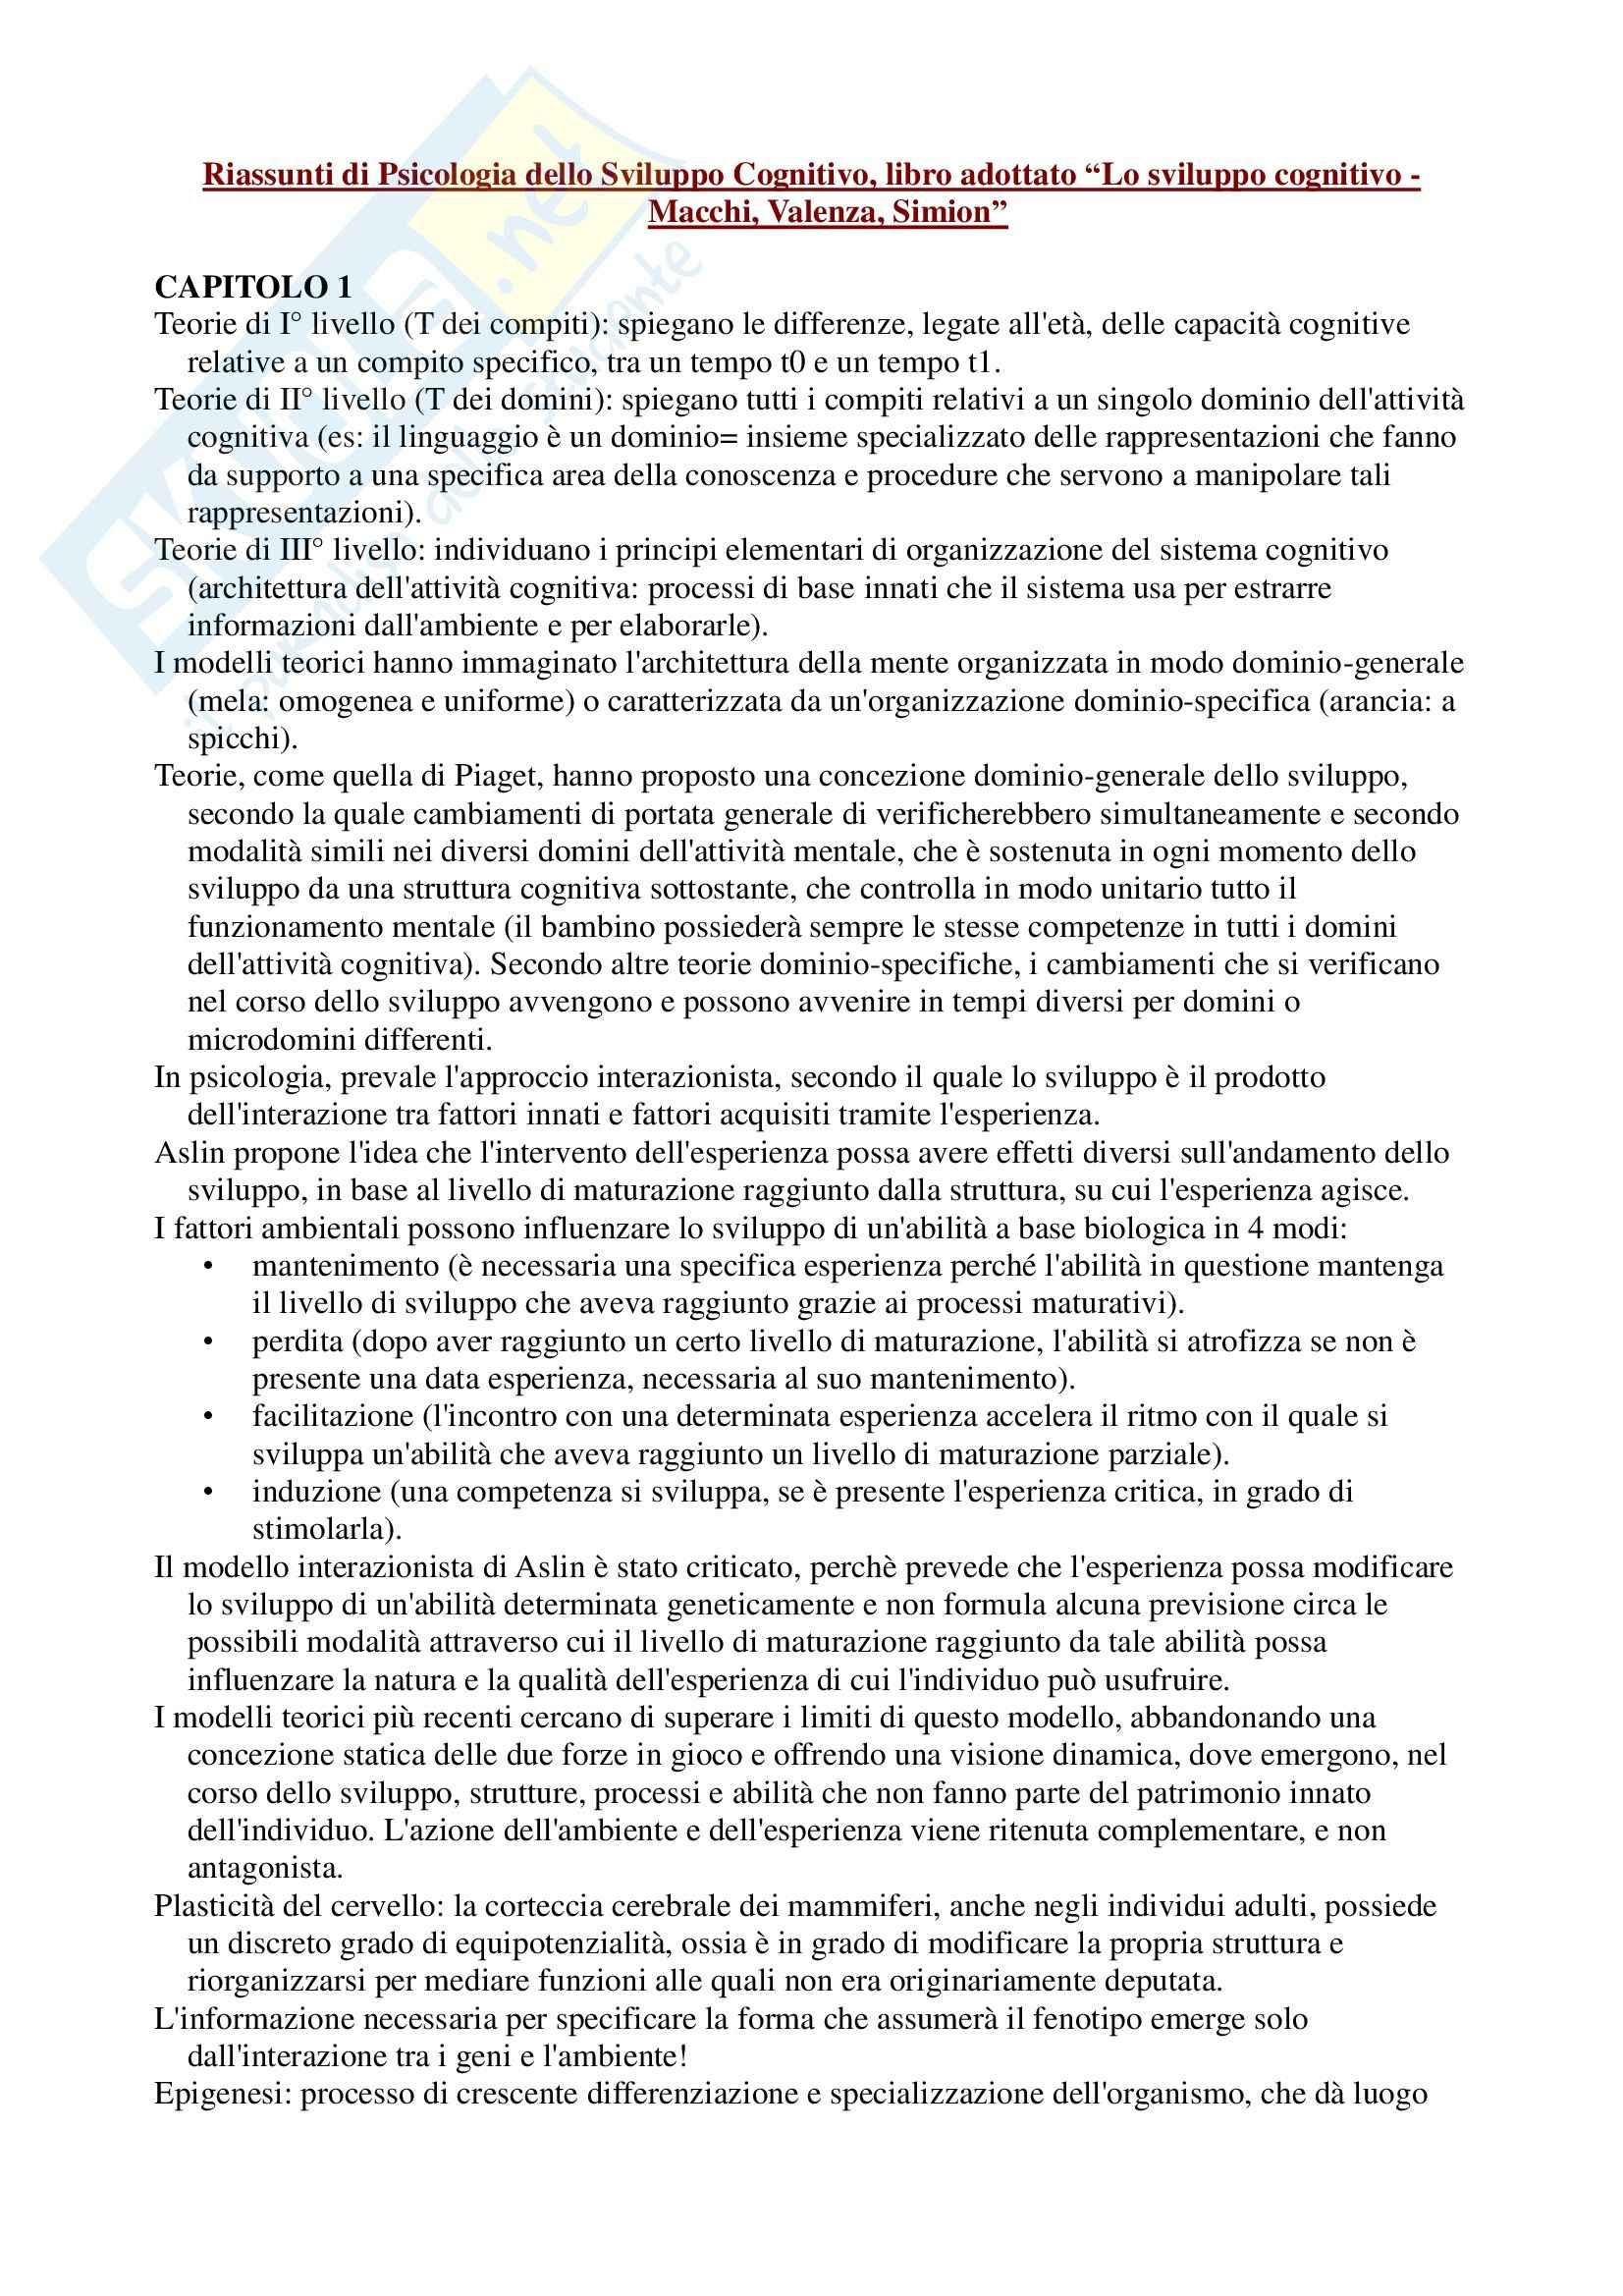 Riassunto esame Psicologia dello Sviluppo Cognitivo, prof. Valenza, libro consigliato Lo sviluppo cognitivo, Macchi, Valenza, Simion